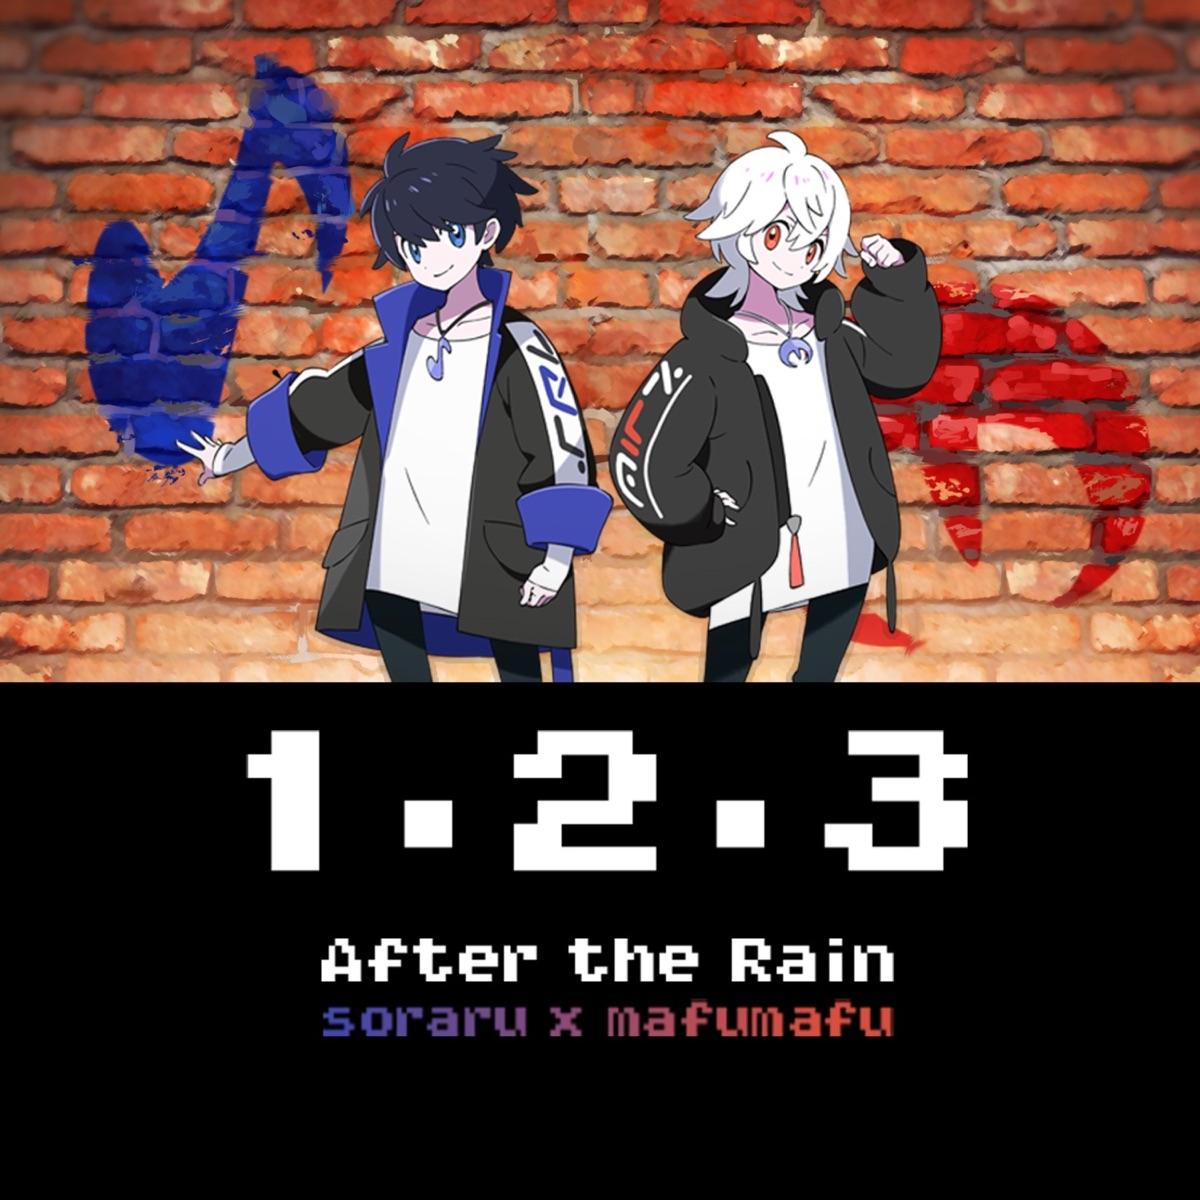 『After the Rain - 1・2・3』収録の『1・2・3』ジャケット